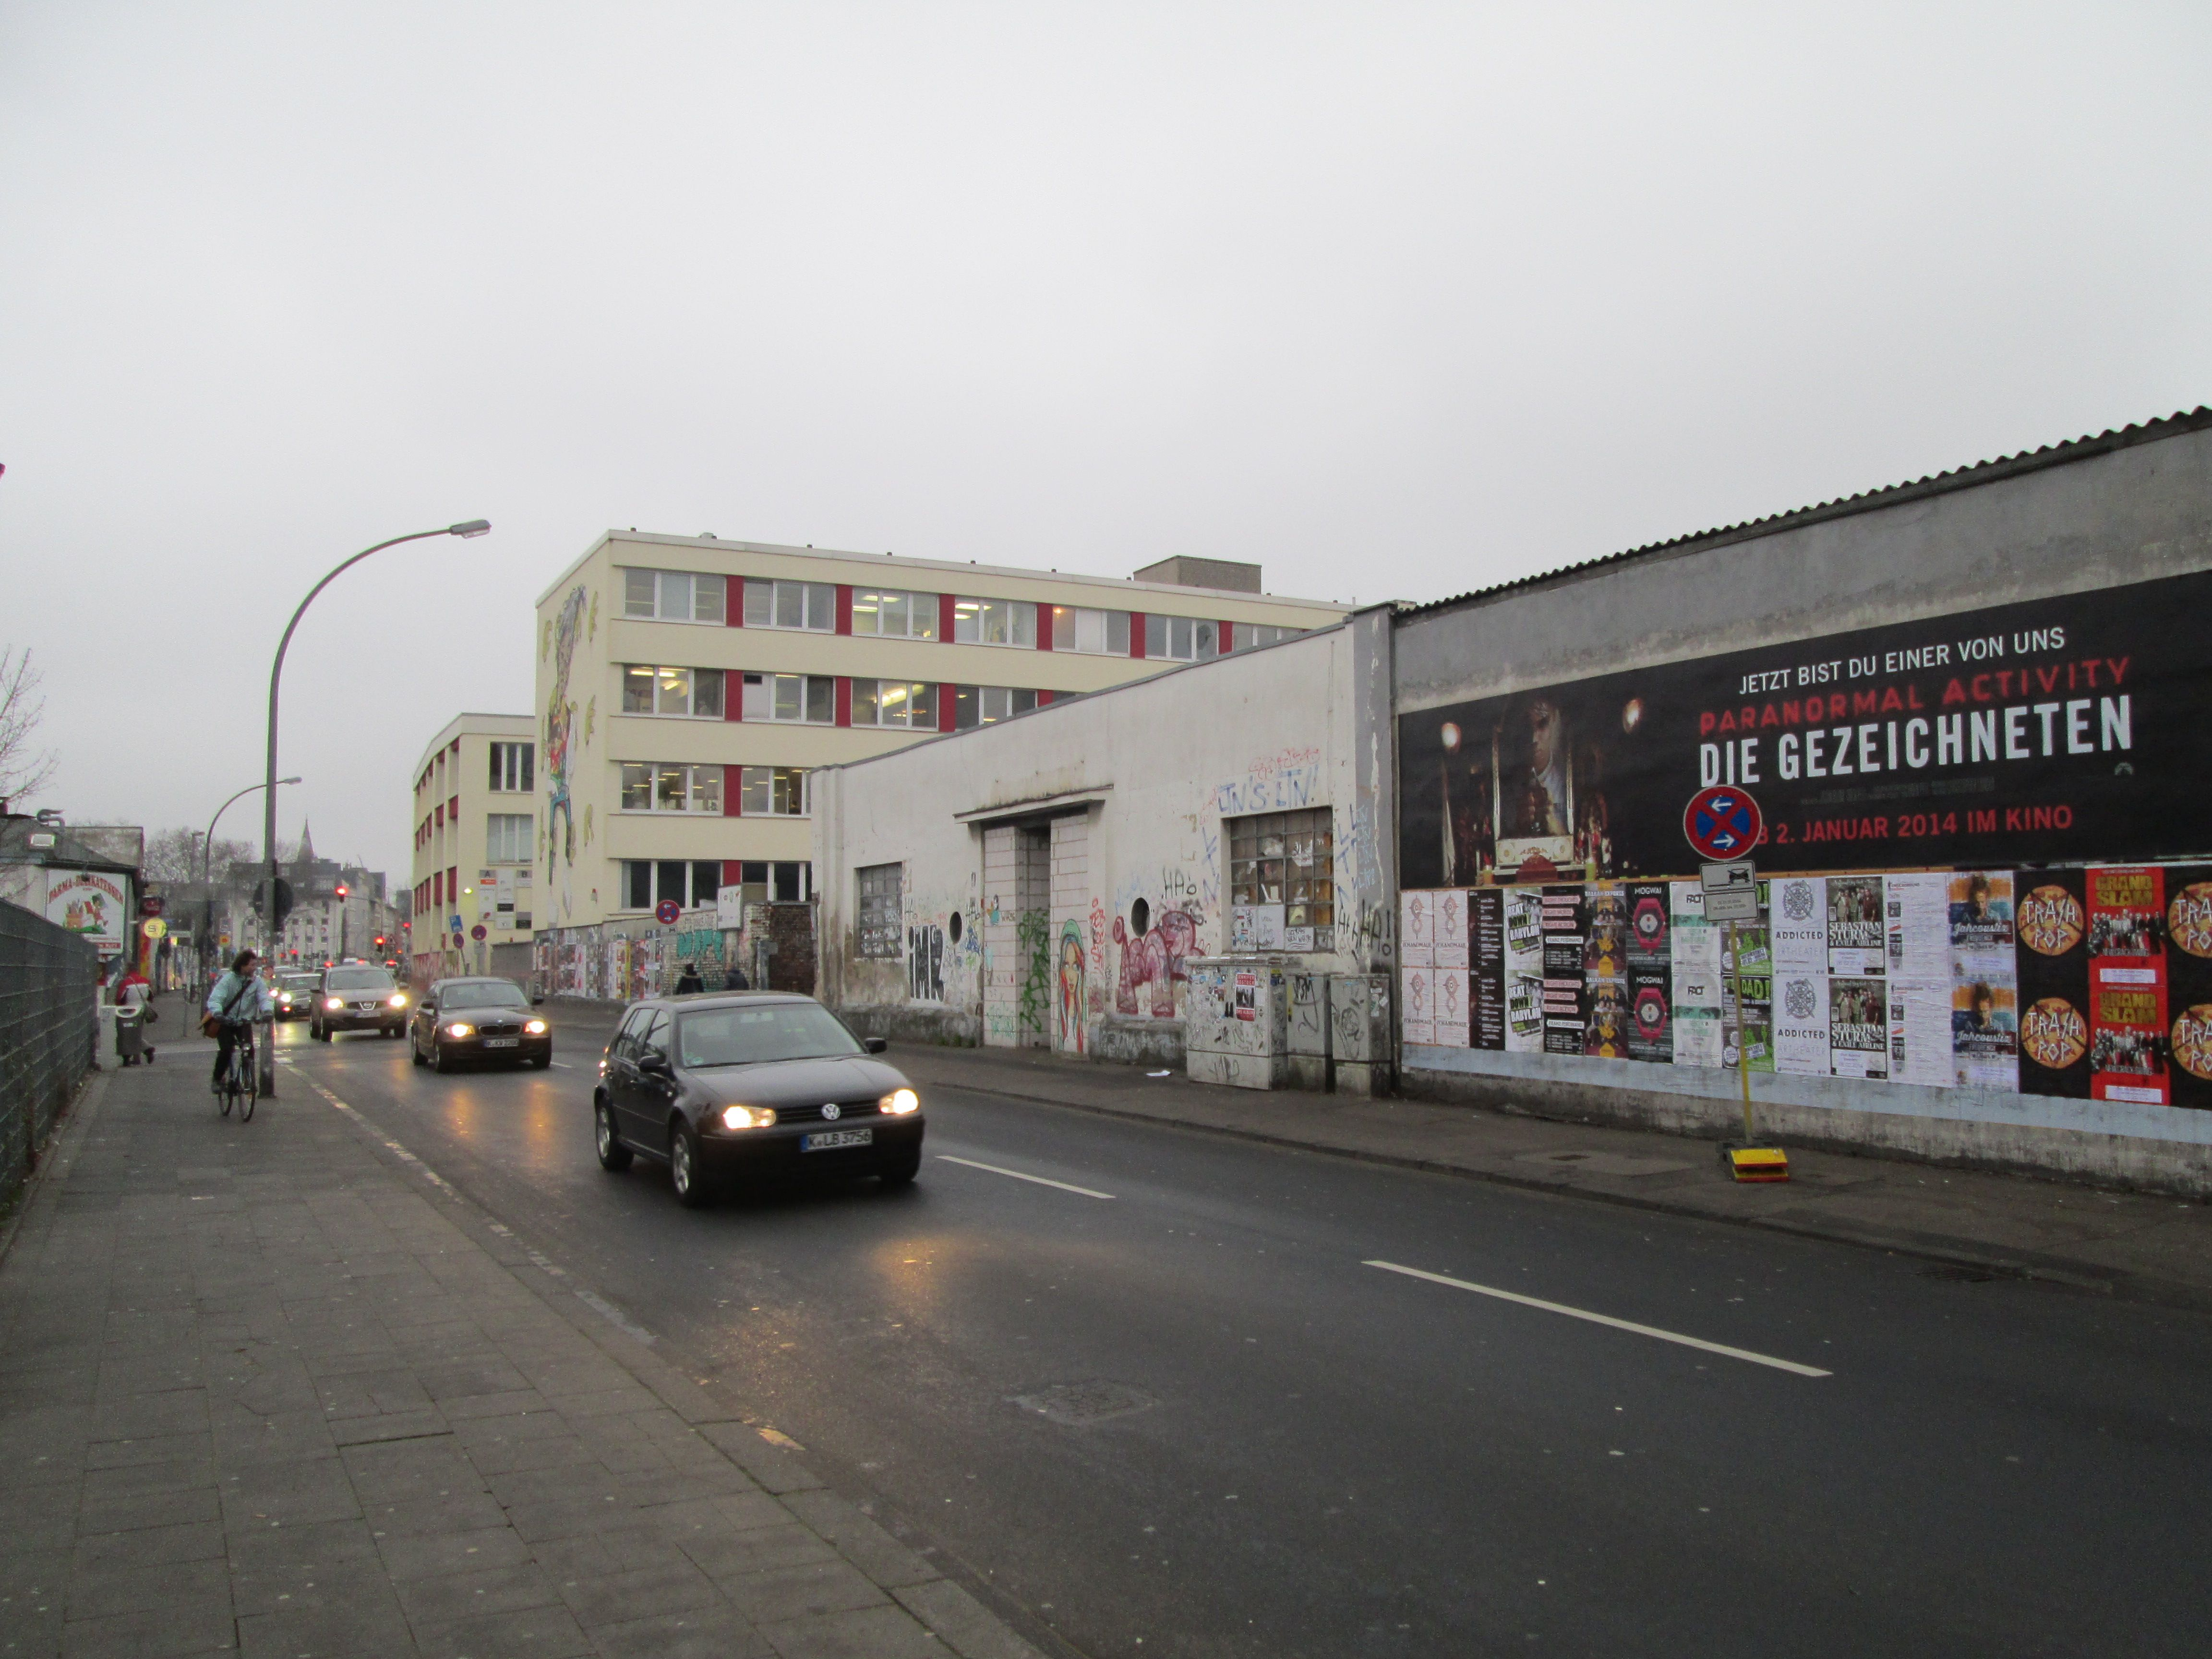 ...irgendwo in Köln... Jan 2014 Leben in deutschland